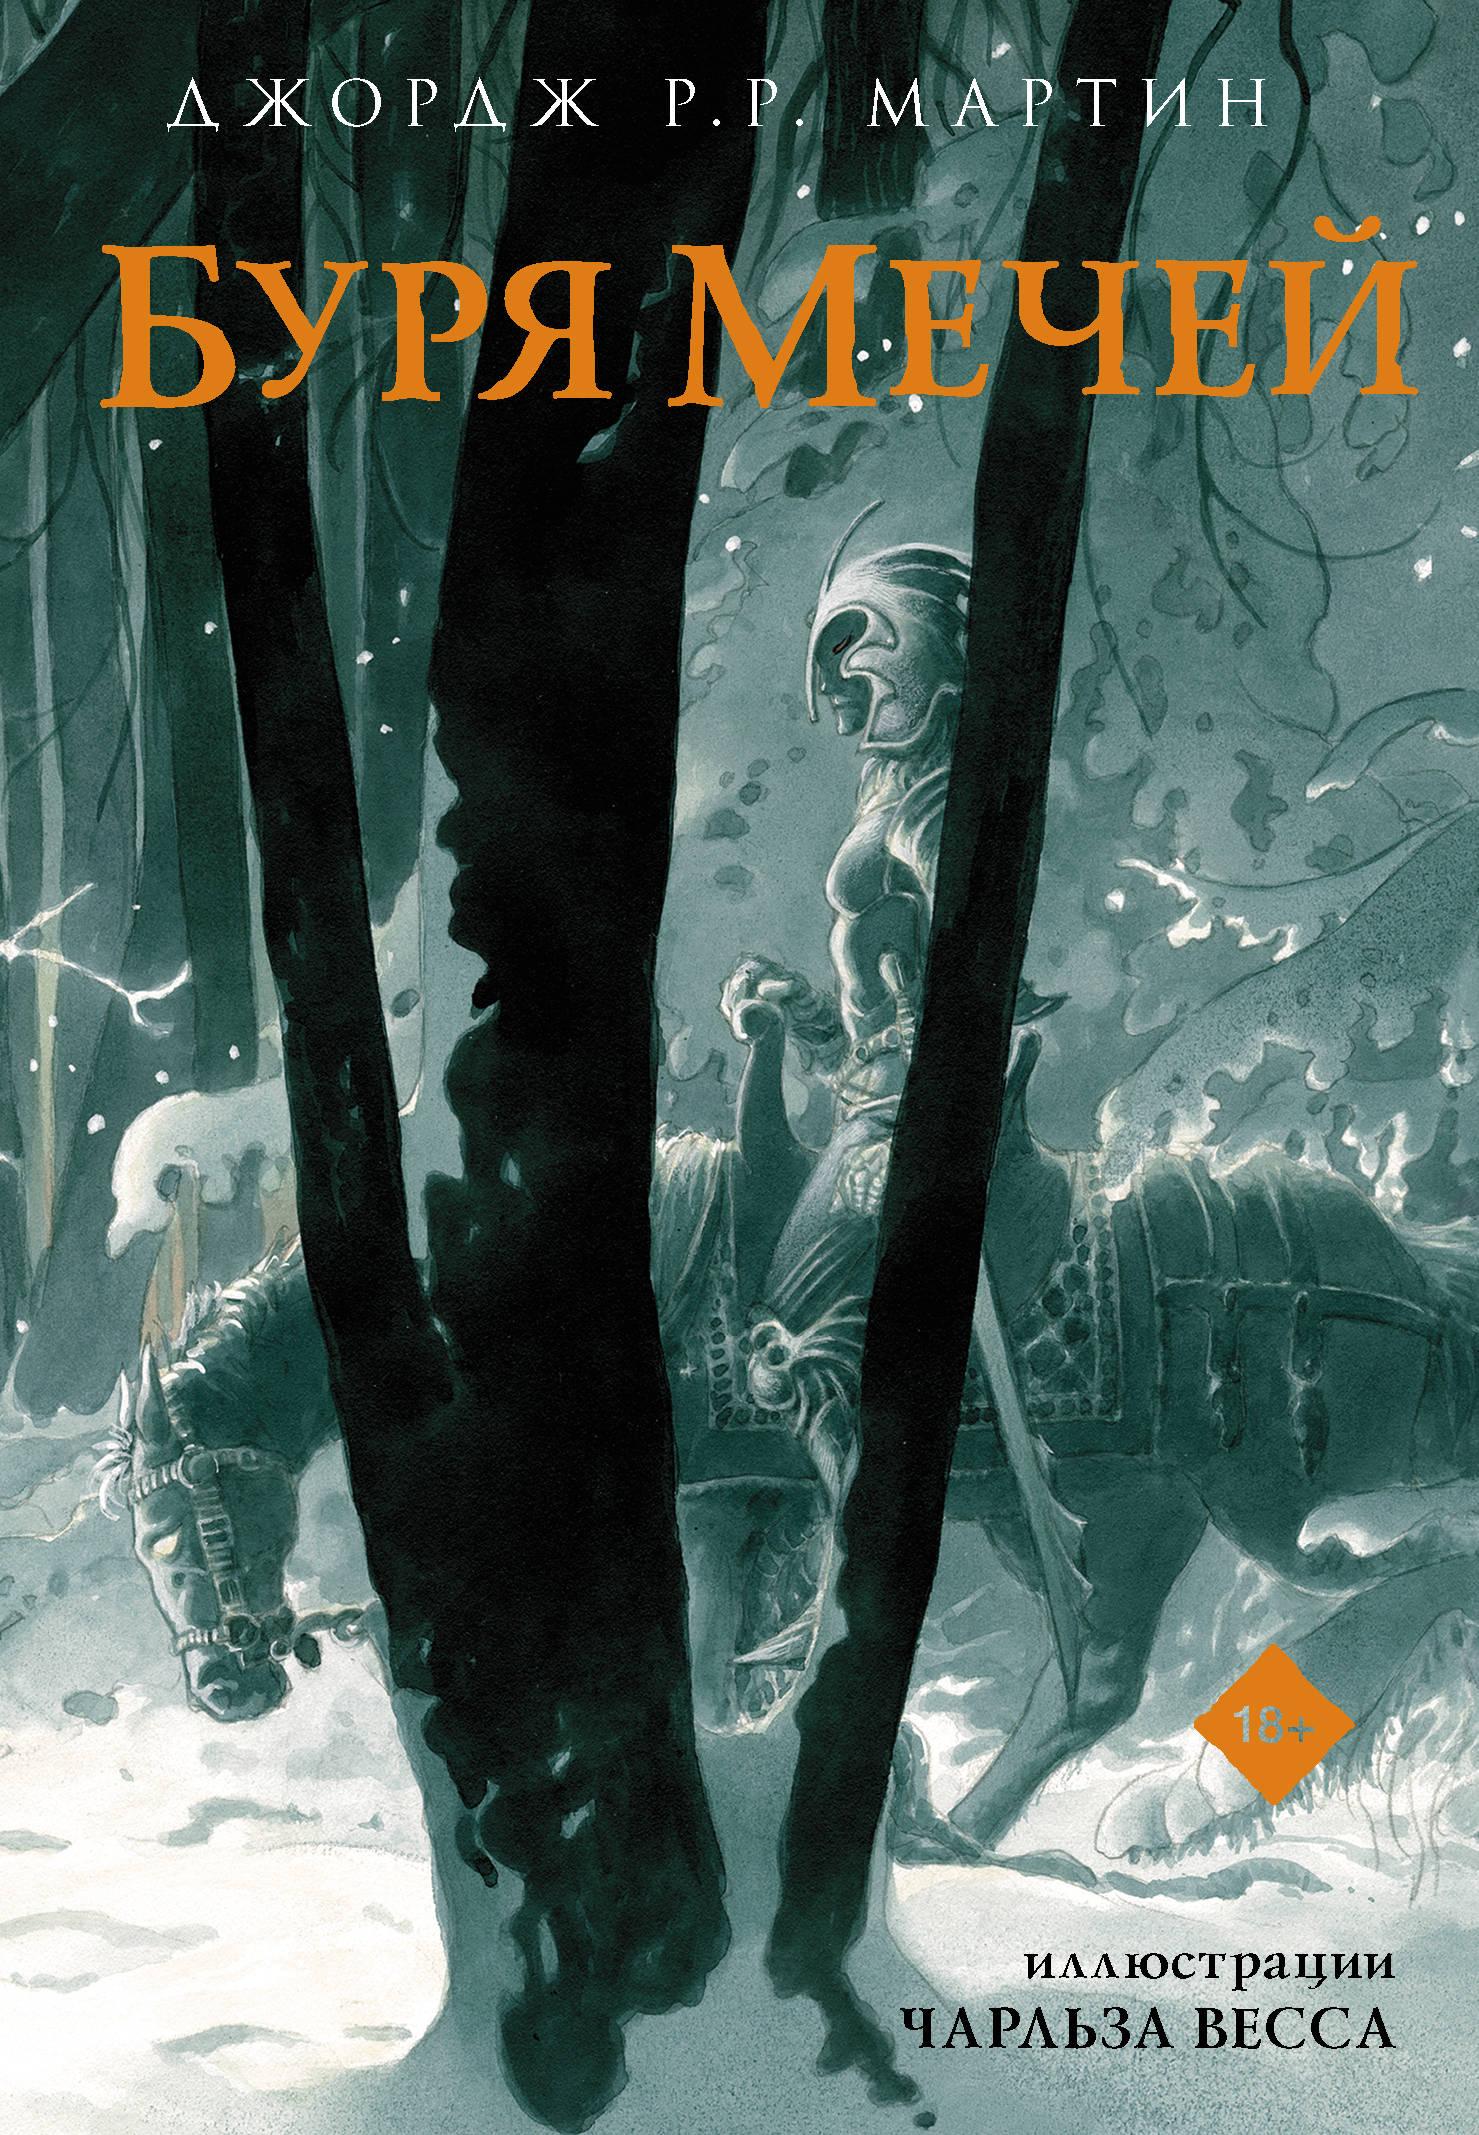 Буря мечей: Роман